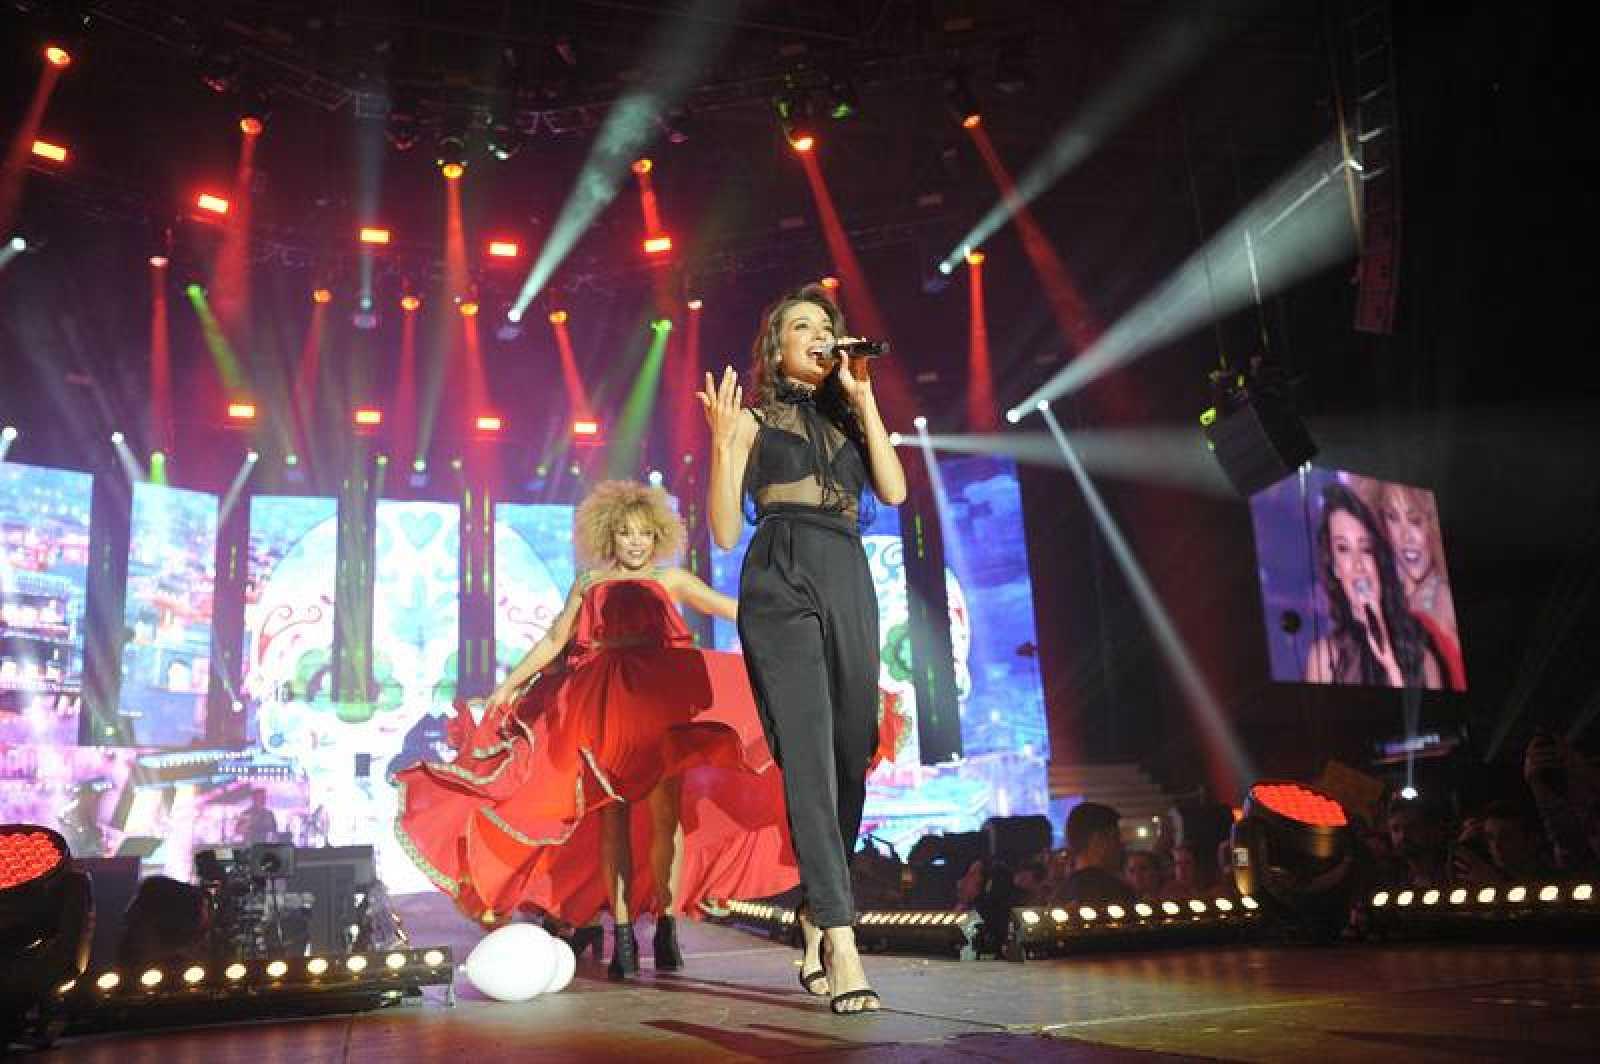 """Ana Guerra interpreta """"La Binkina"""" en el concierto de OT en Barcelona"""